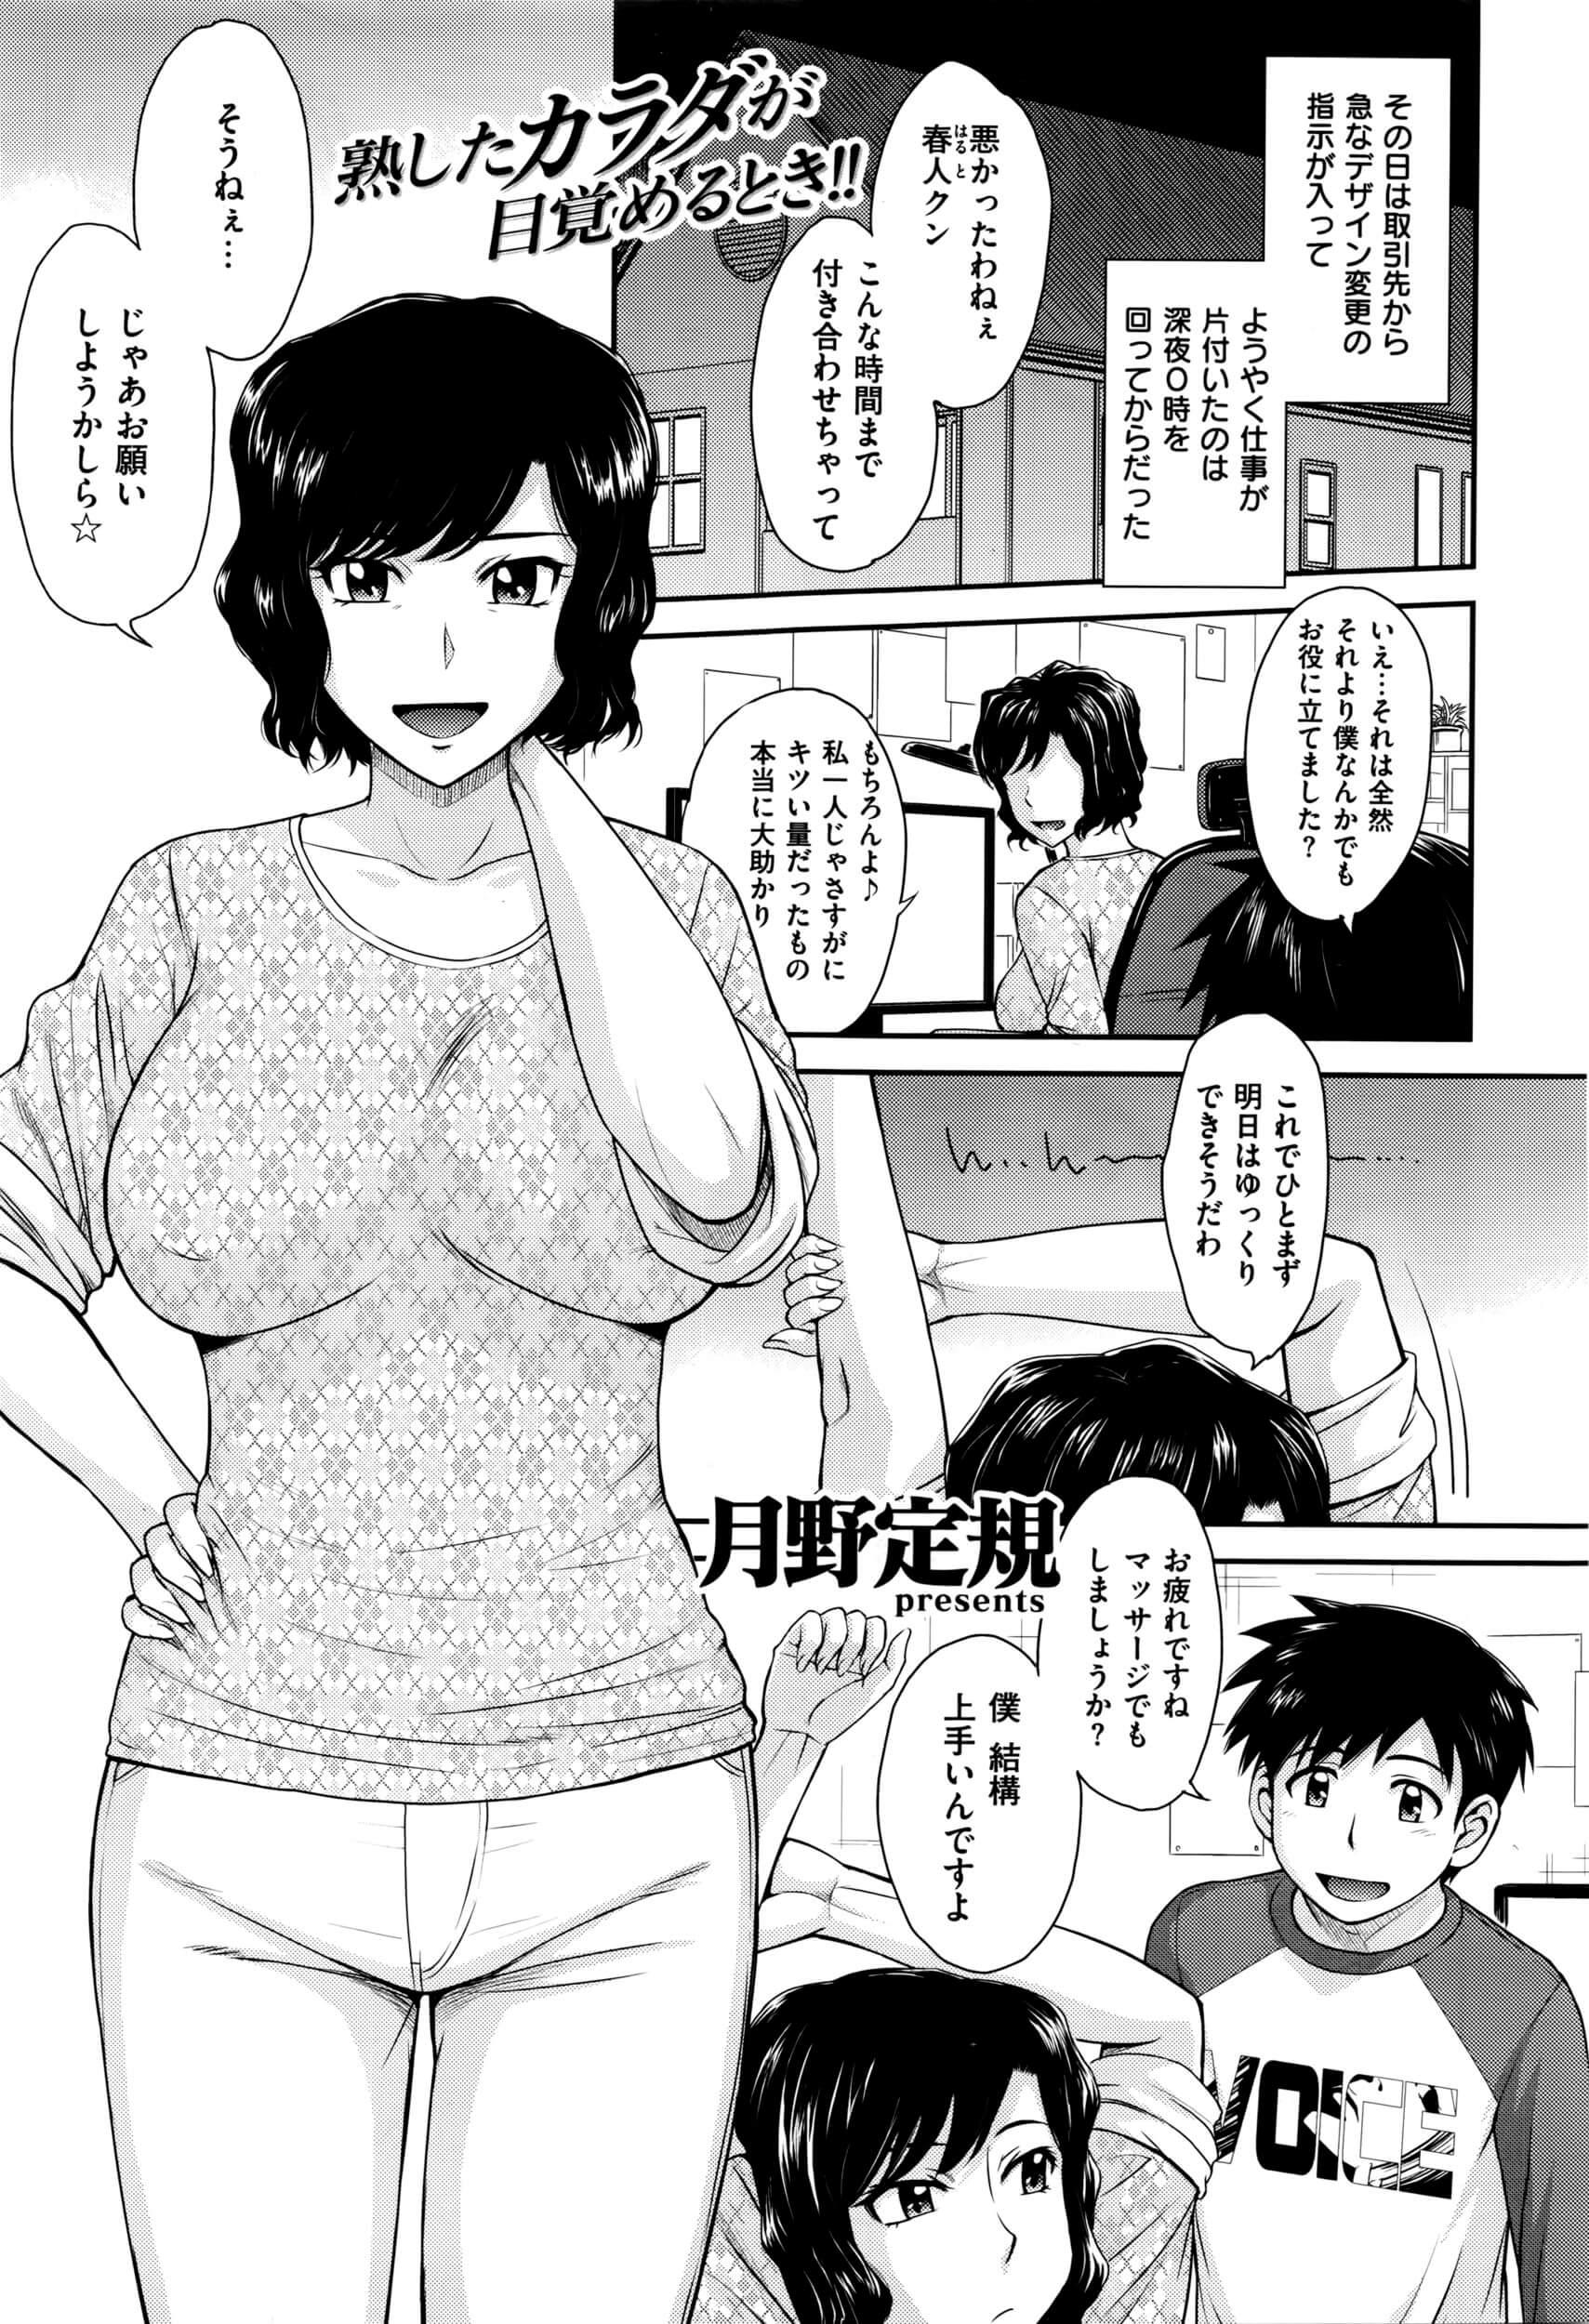 【エロ漫画】人妻の冴子は夜遅くまで春人に仕事を手伝ってもらうと、春人はマッサージをしてあげると言いマッサージしてもらっていると・・・・【無料 エロ同人】